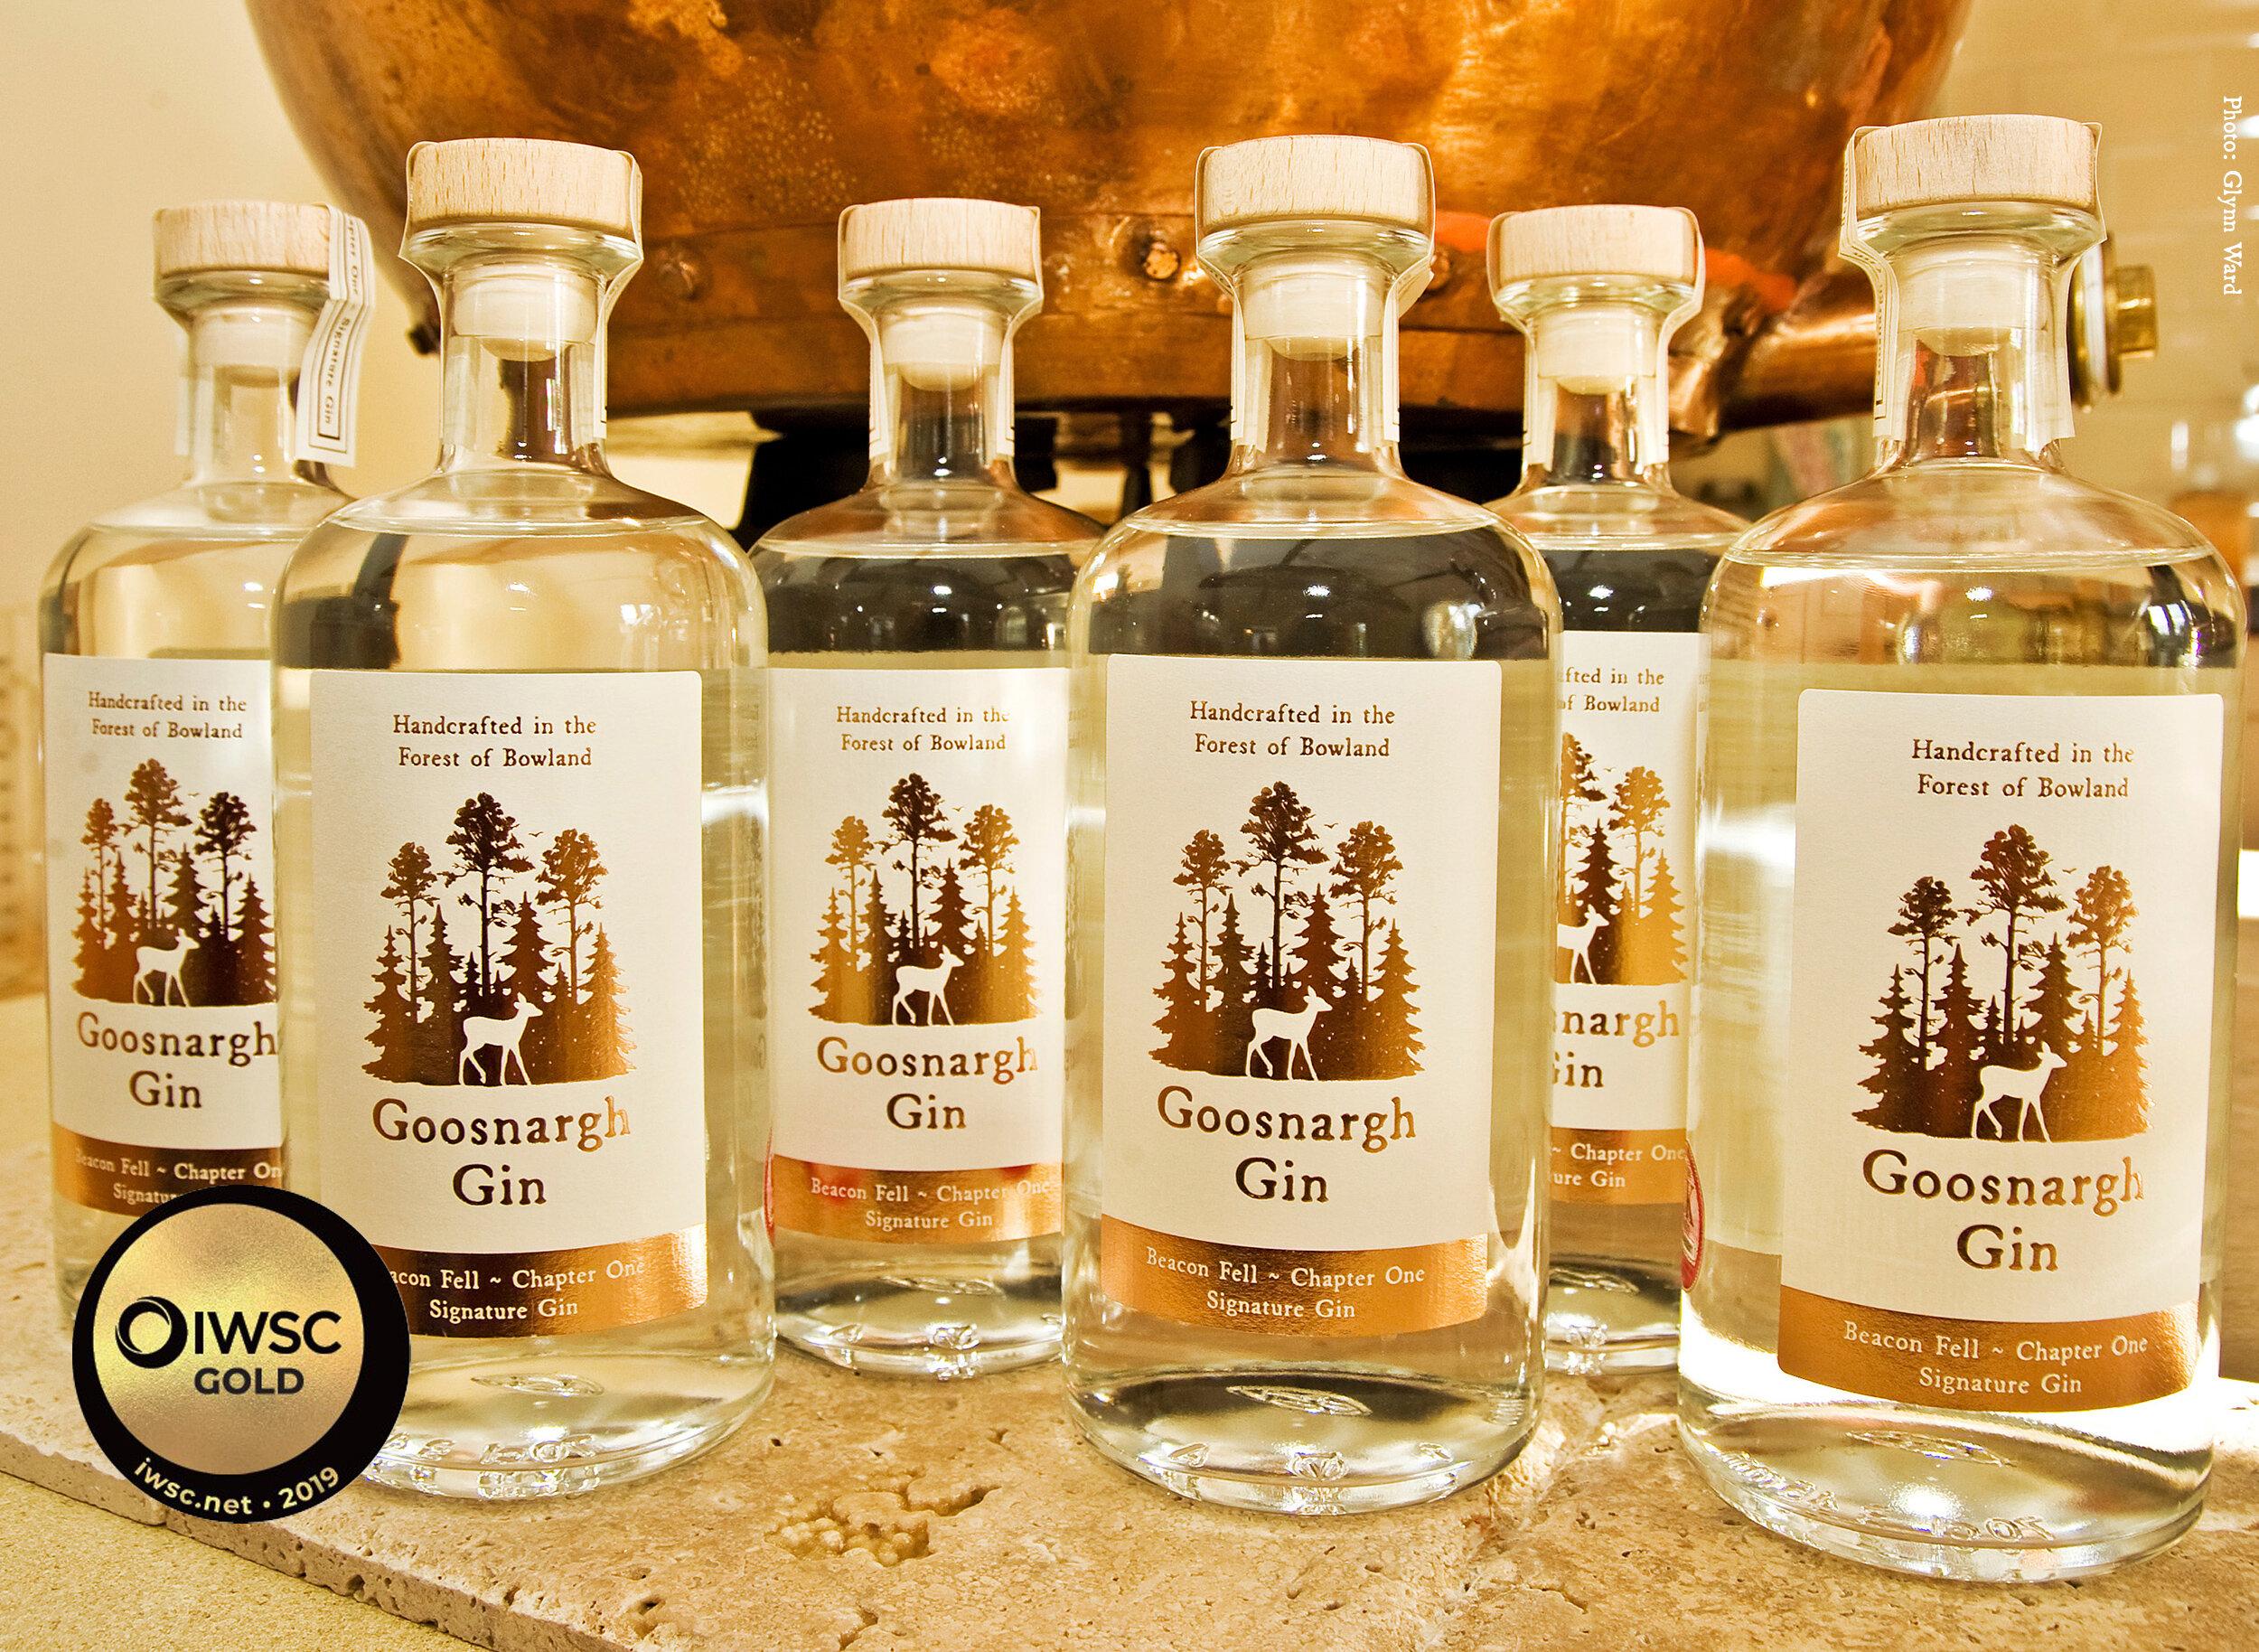 goosnargh-gin-signature-bottles-IWSC-Gold.jpg